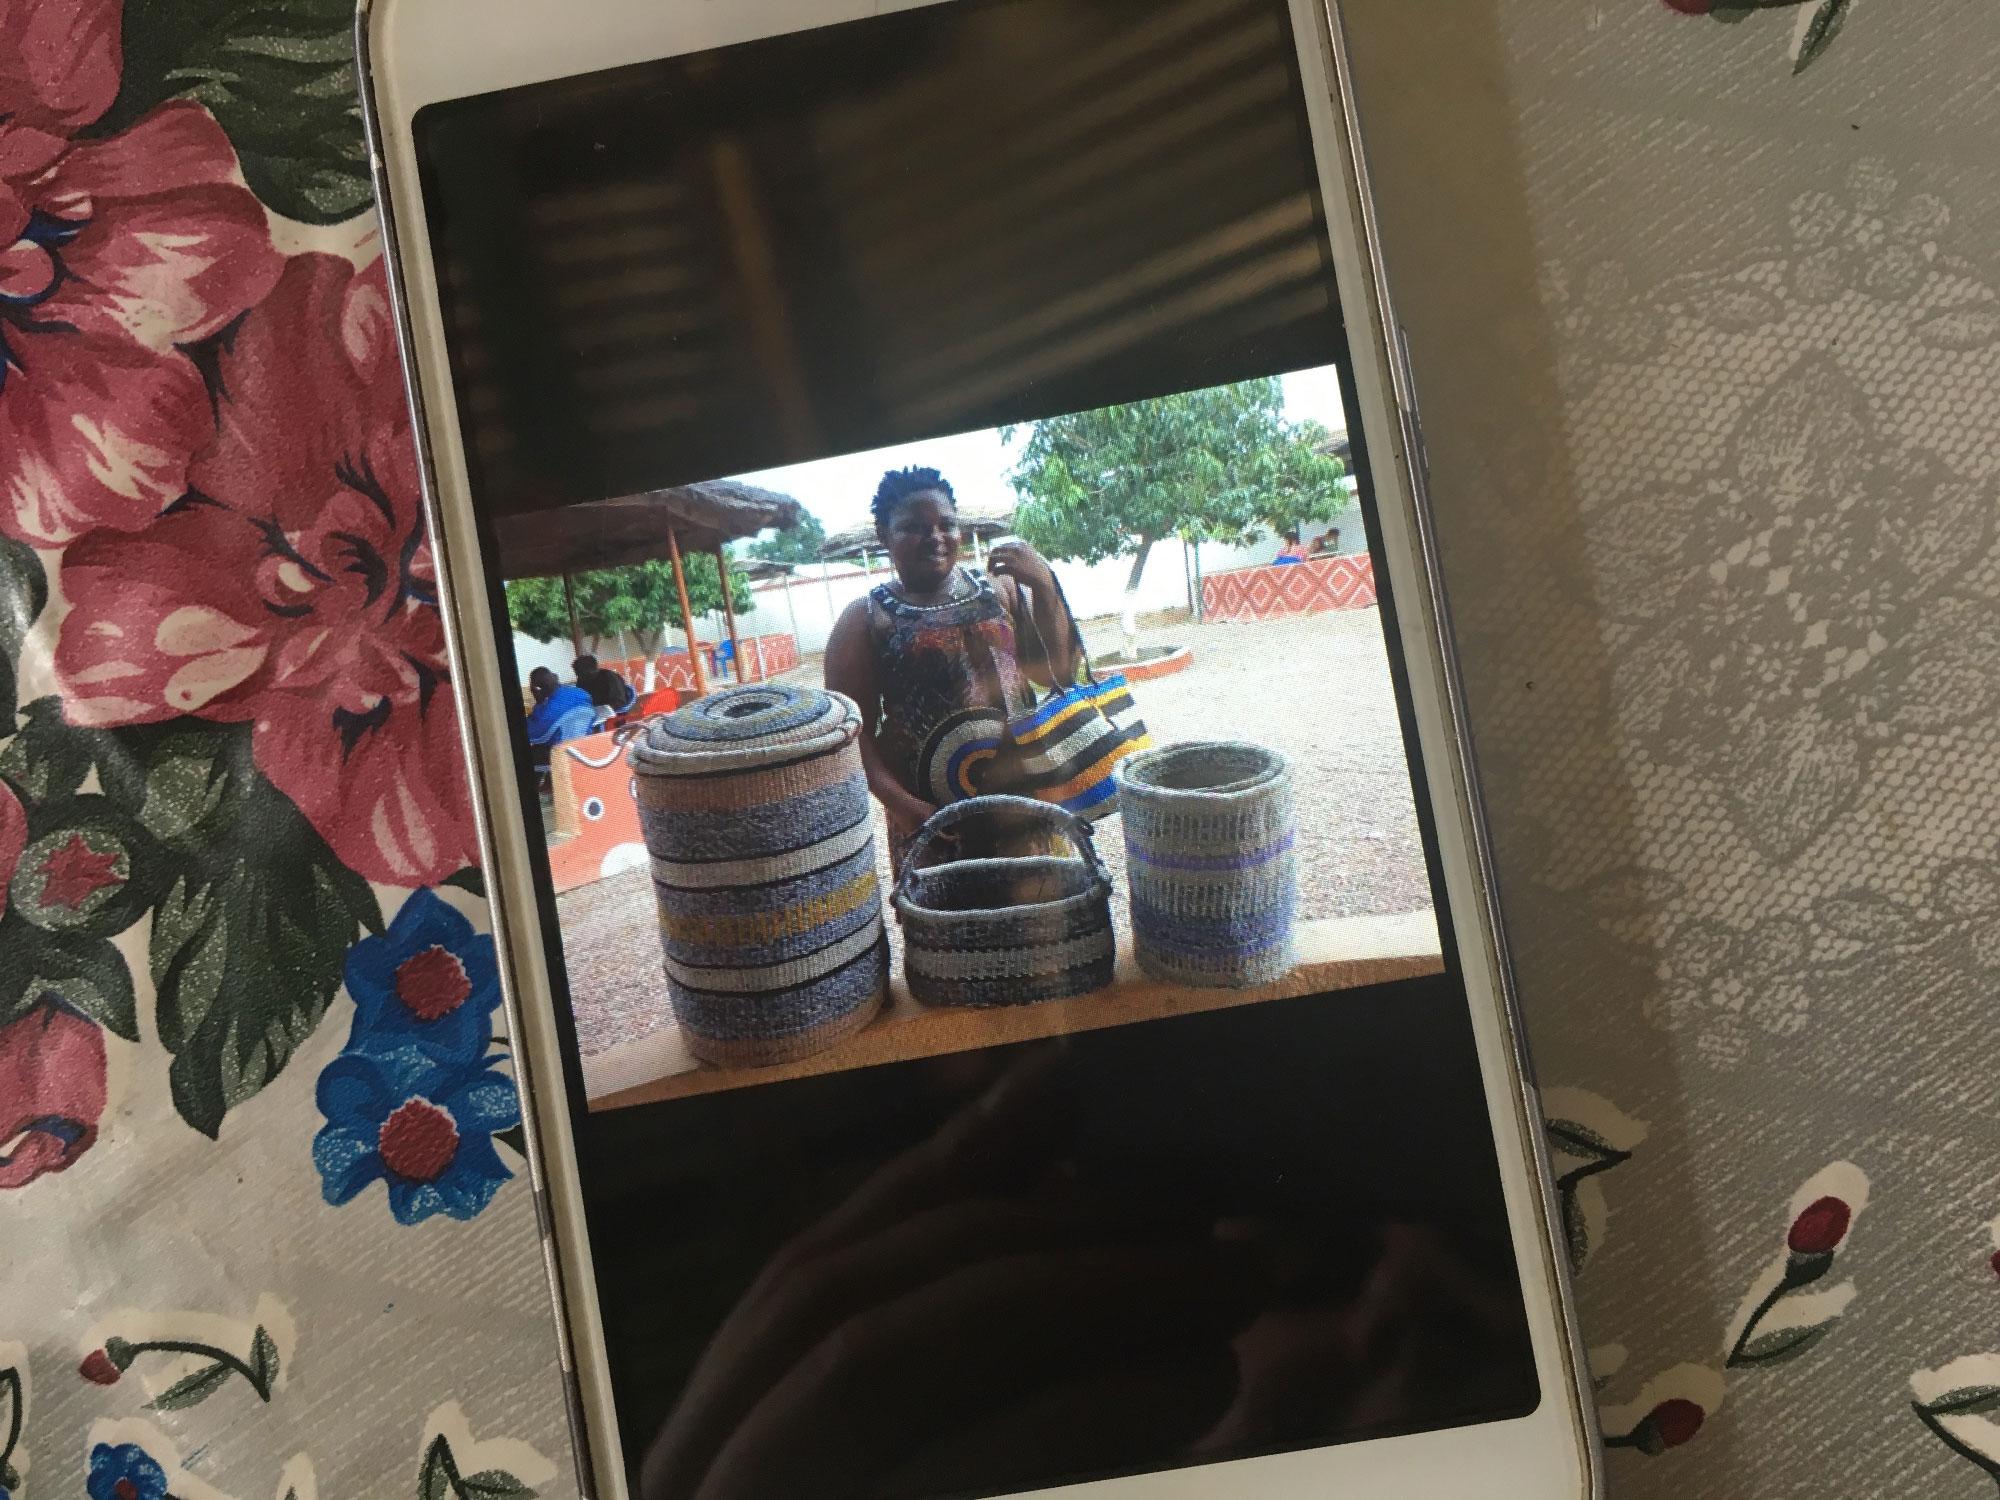 Marco näitab telefonist pilti korvipunujast, kes poseerib oma Sachet-kottidest tehtud korvidega.